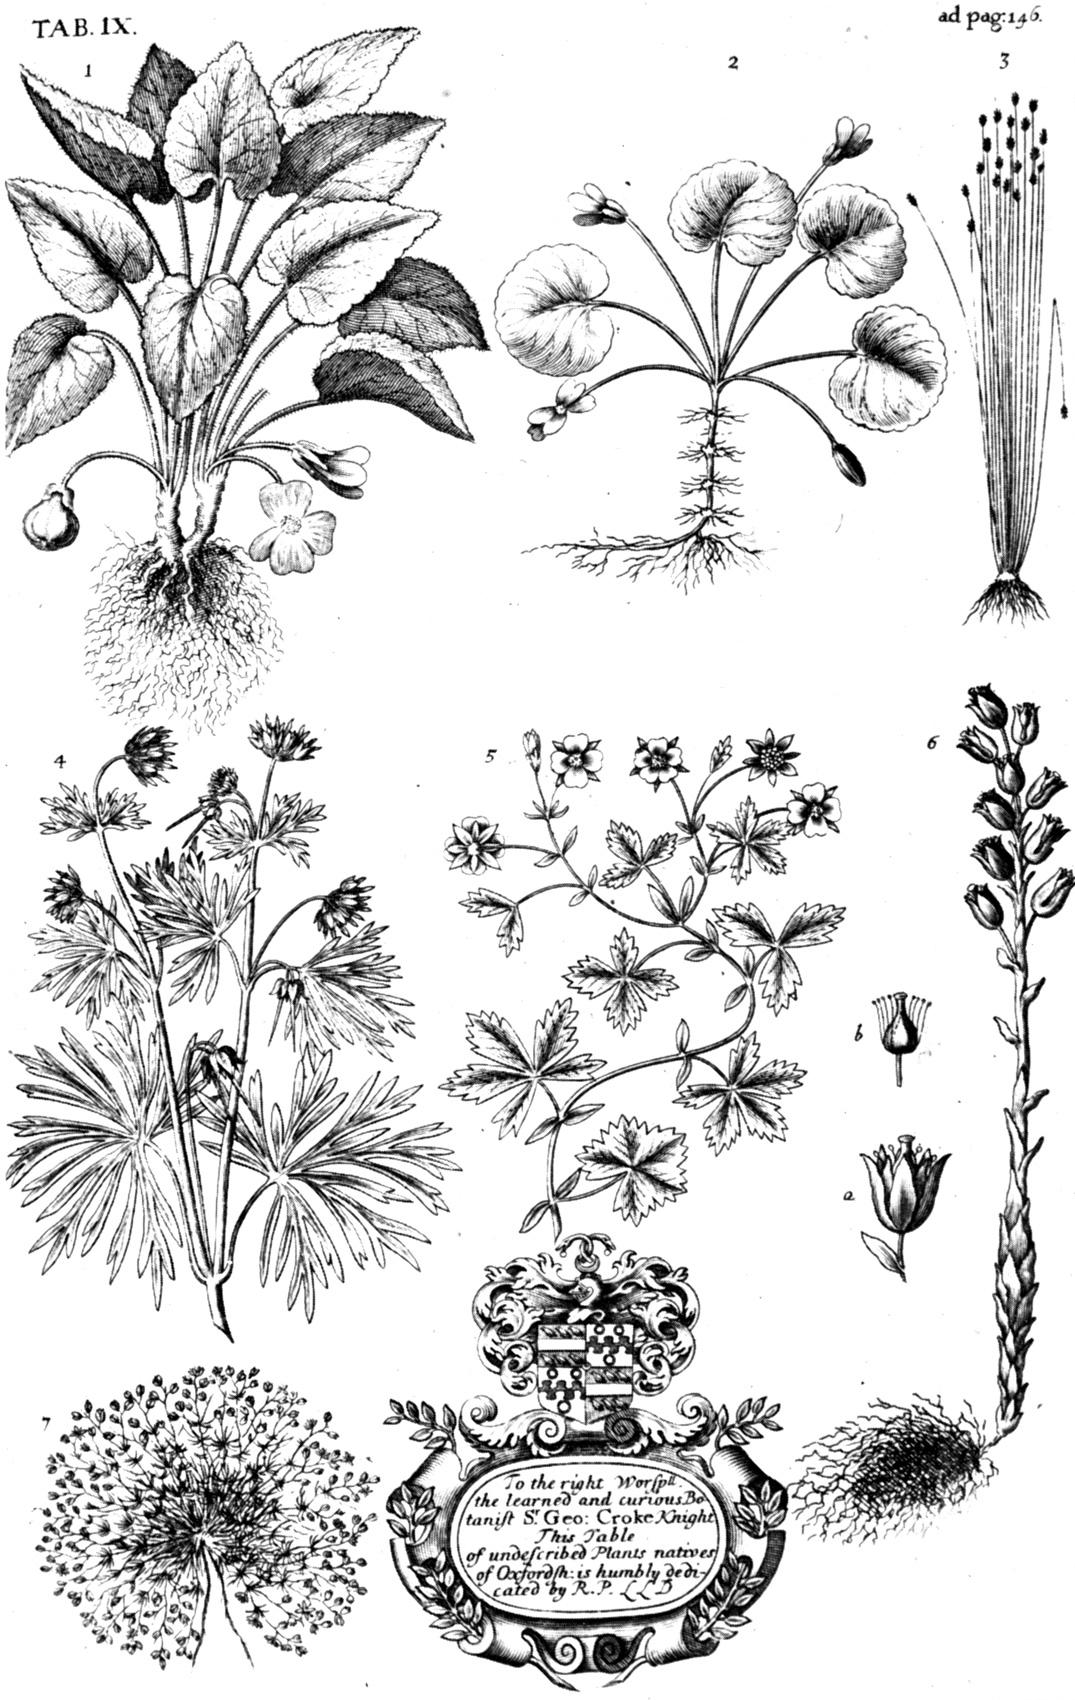 natural history micheal runtz pdf